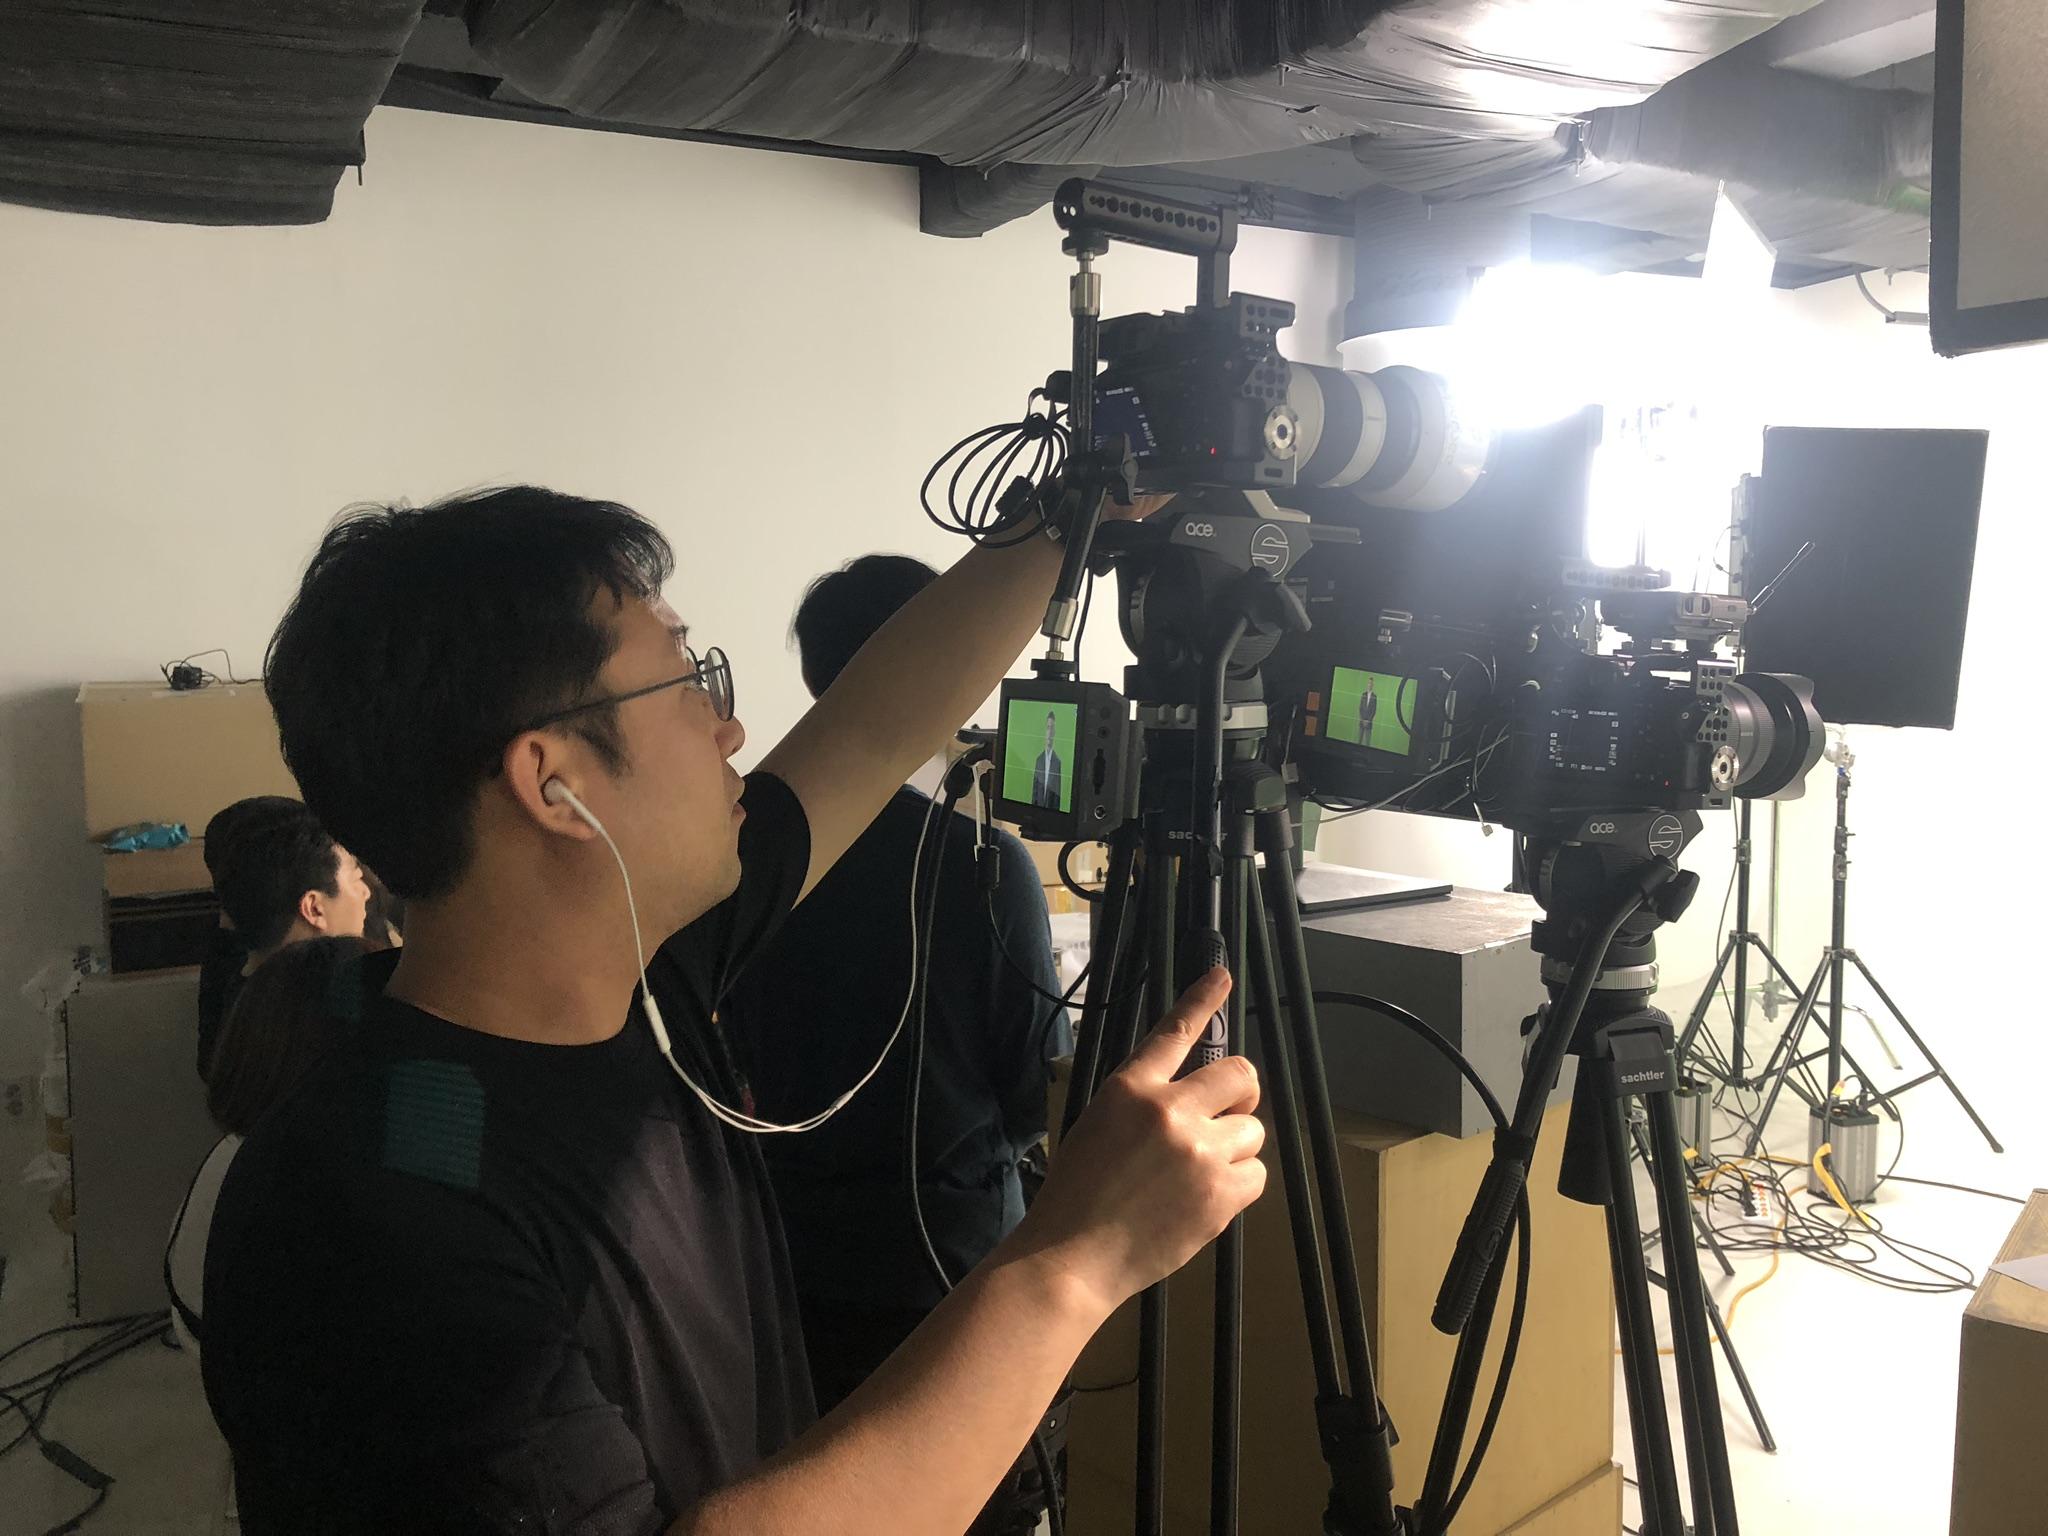 수퍼비글로벌디자인그룹 내부스튜디오 홍보영상 촬영 리메탈 산업